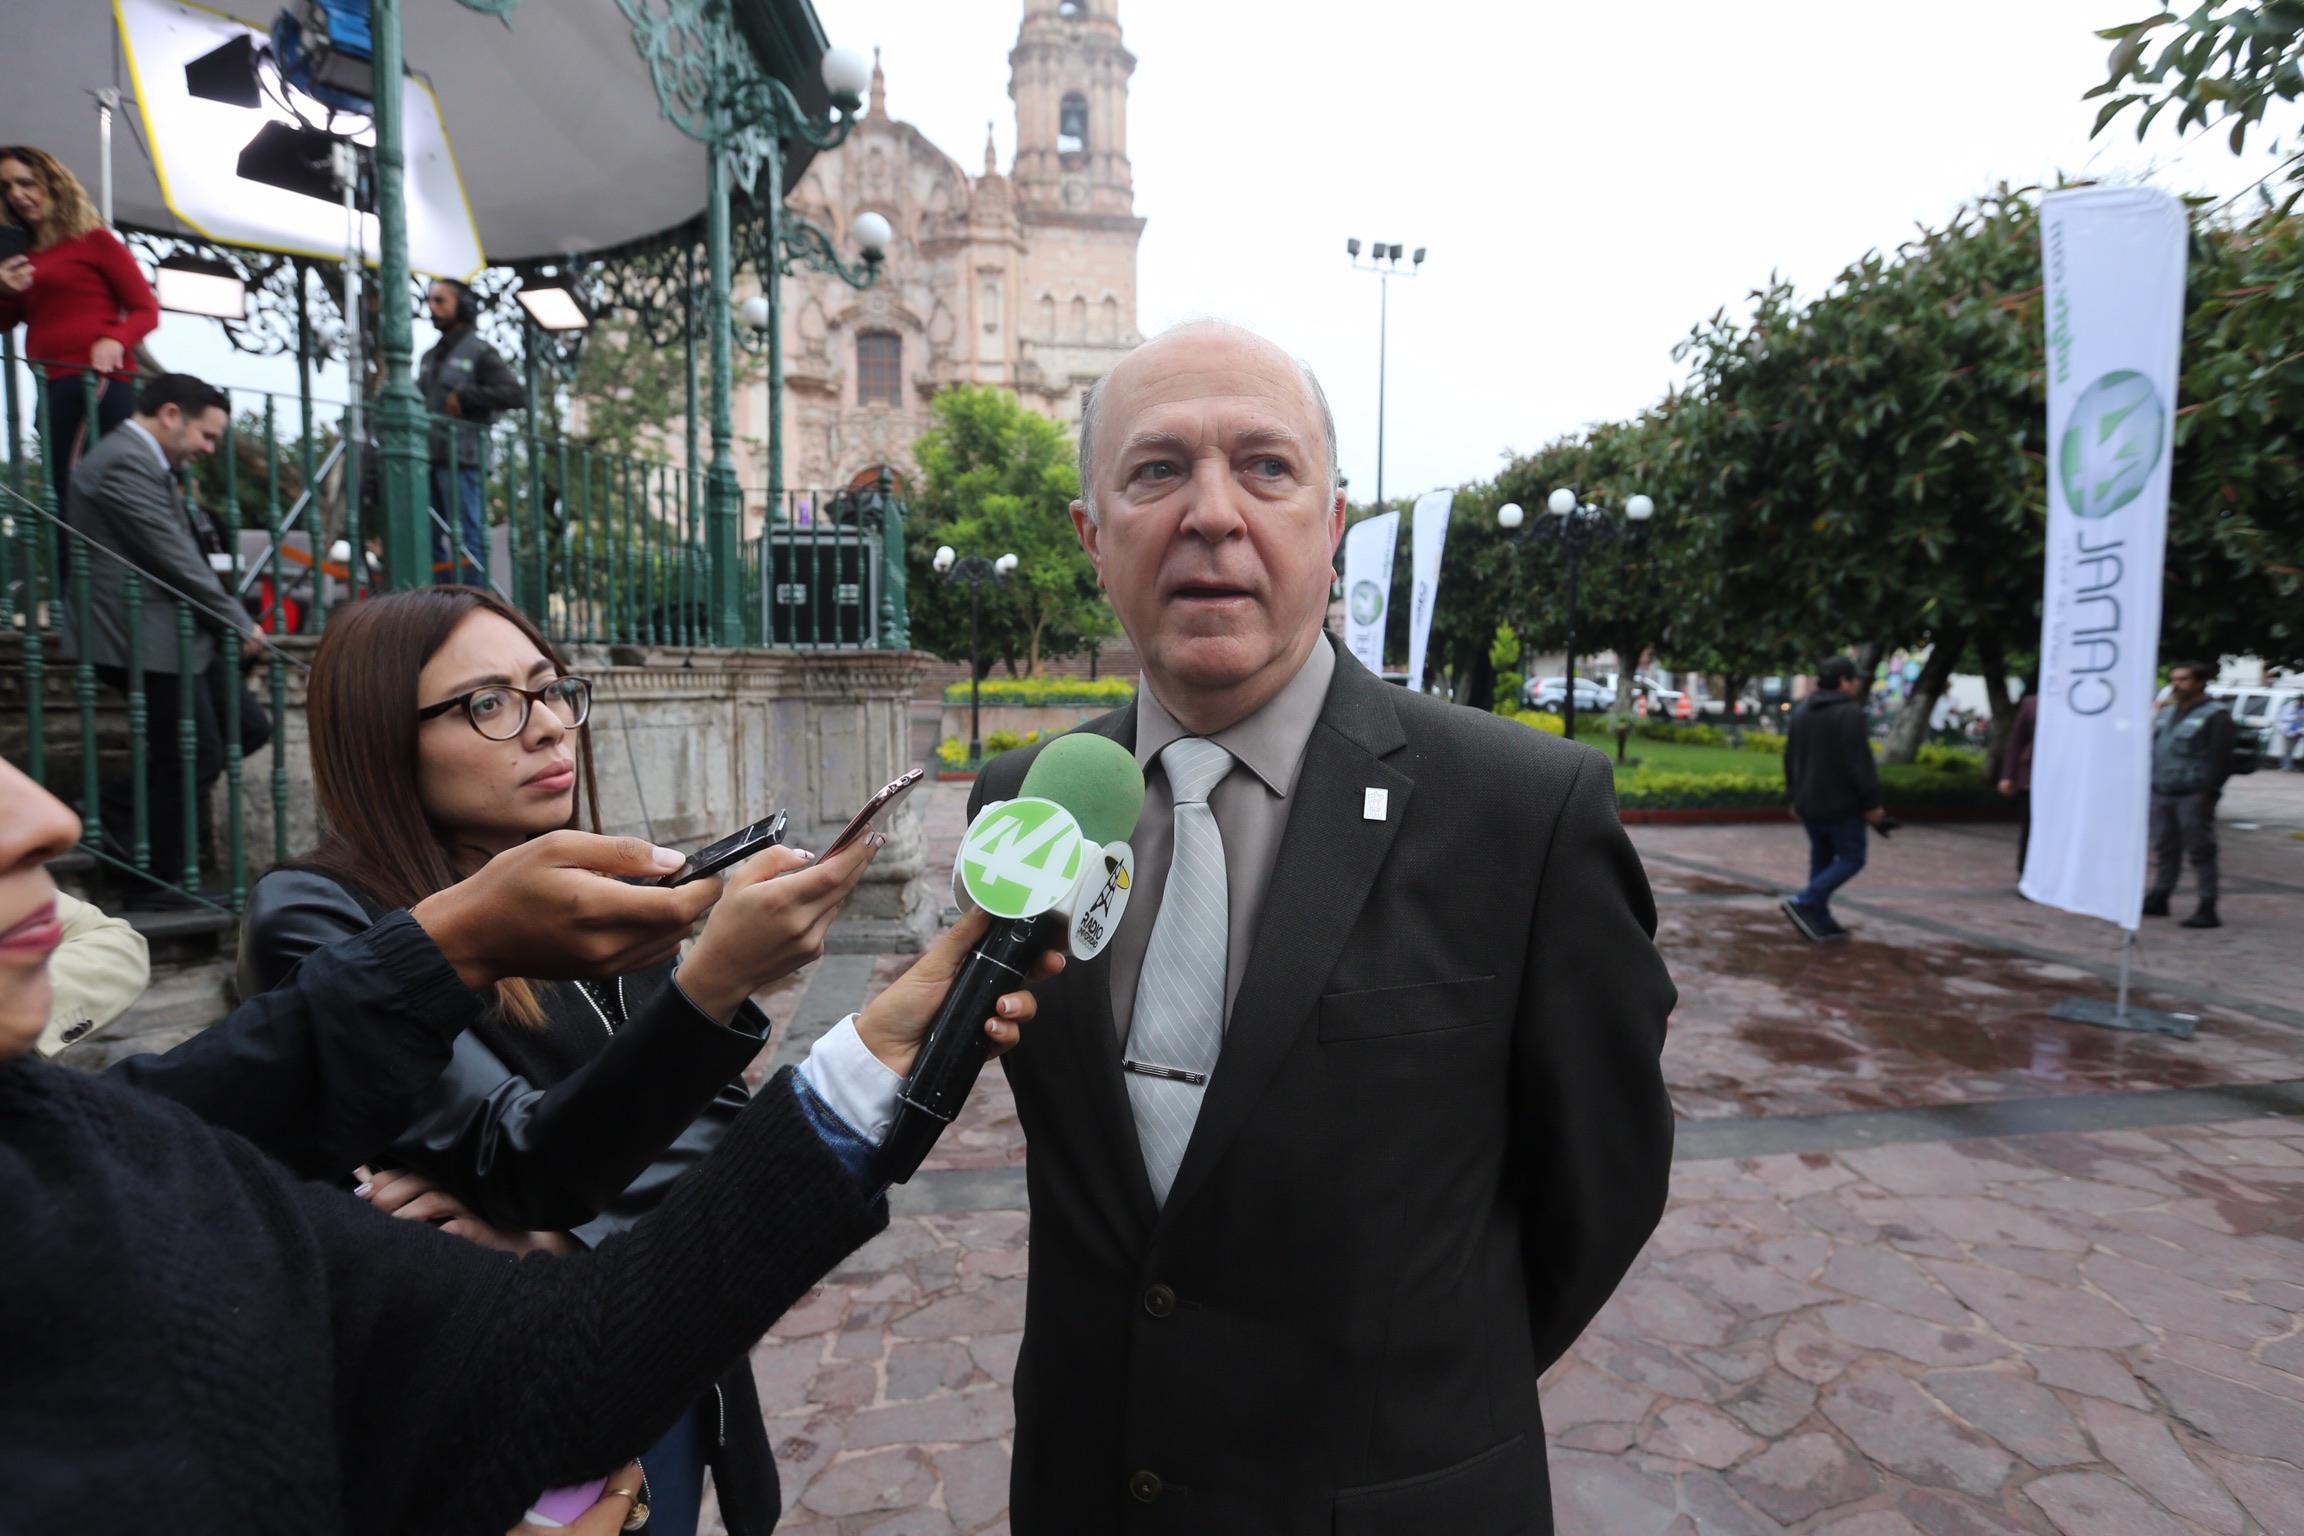 Rector de la UdeG, doctor Miguel Ángel Navarro Navarro, siendo entrevistado en la plaza principal de Lagos de Moreno